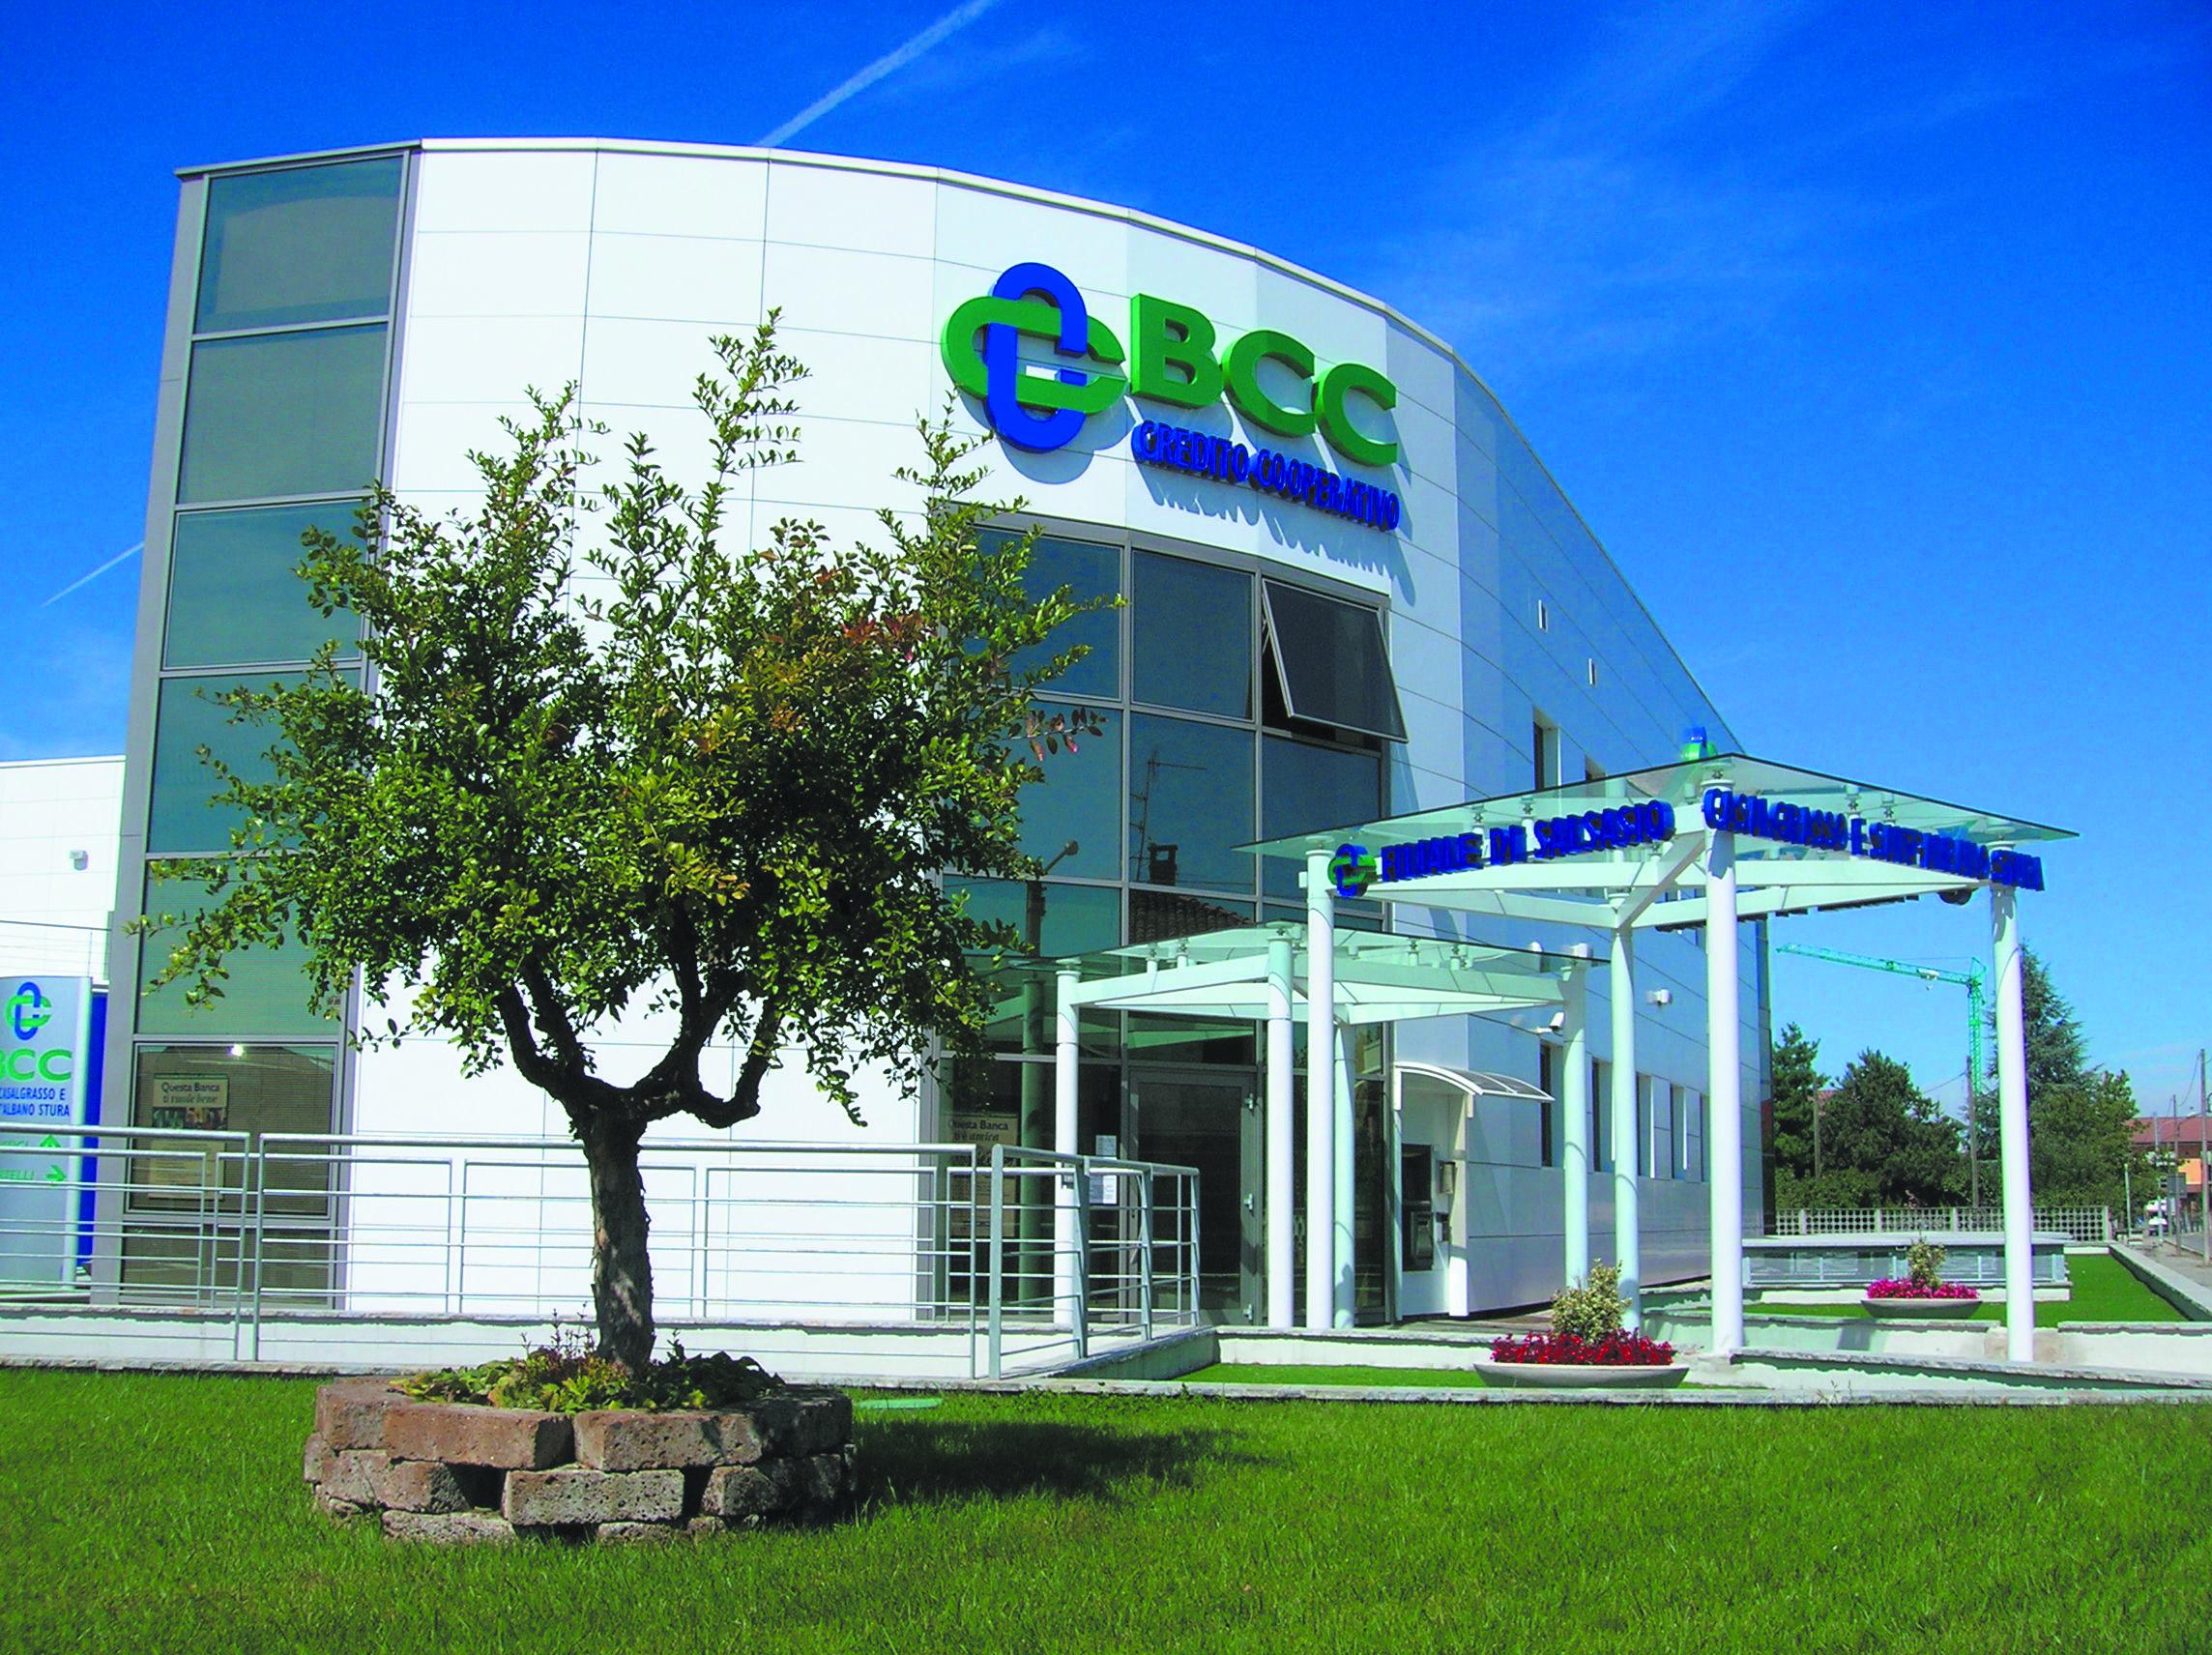 La BCC di Casalgrasso cresce. Utile netto 2020 a 3.6 milioni